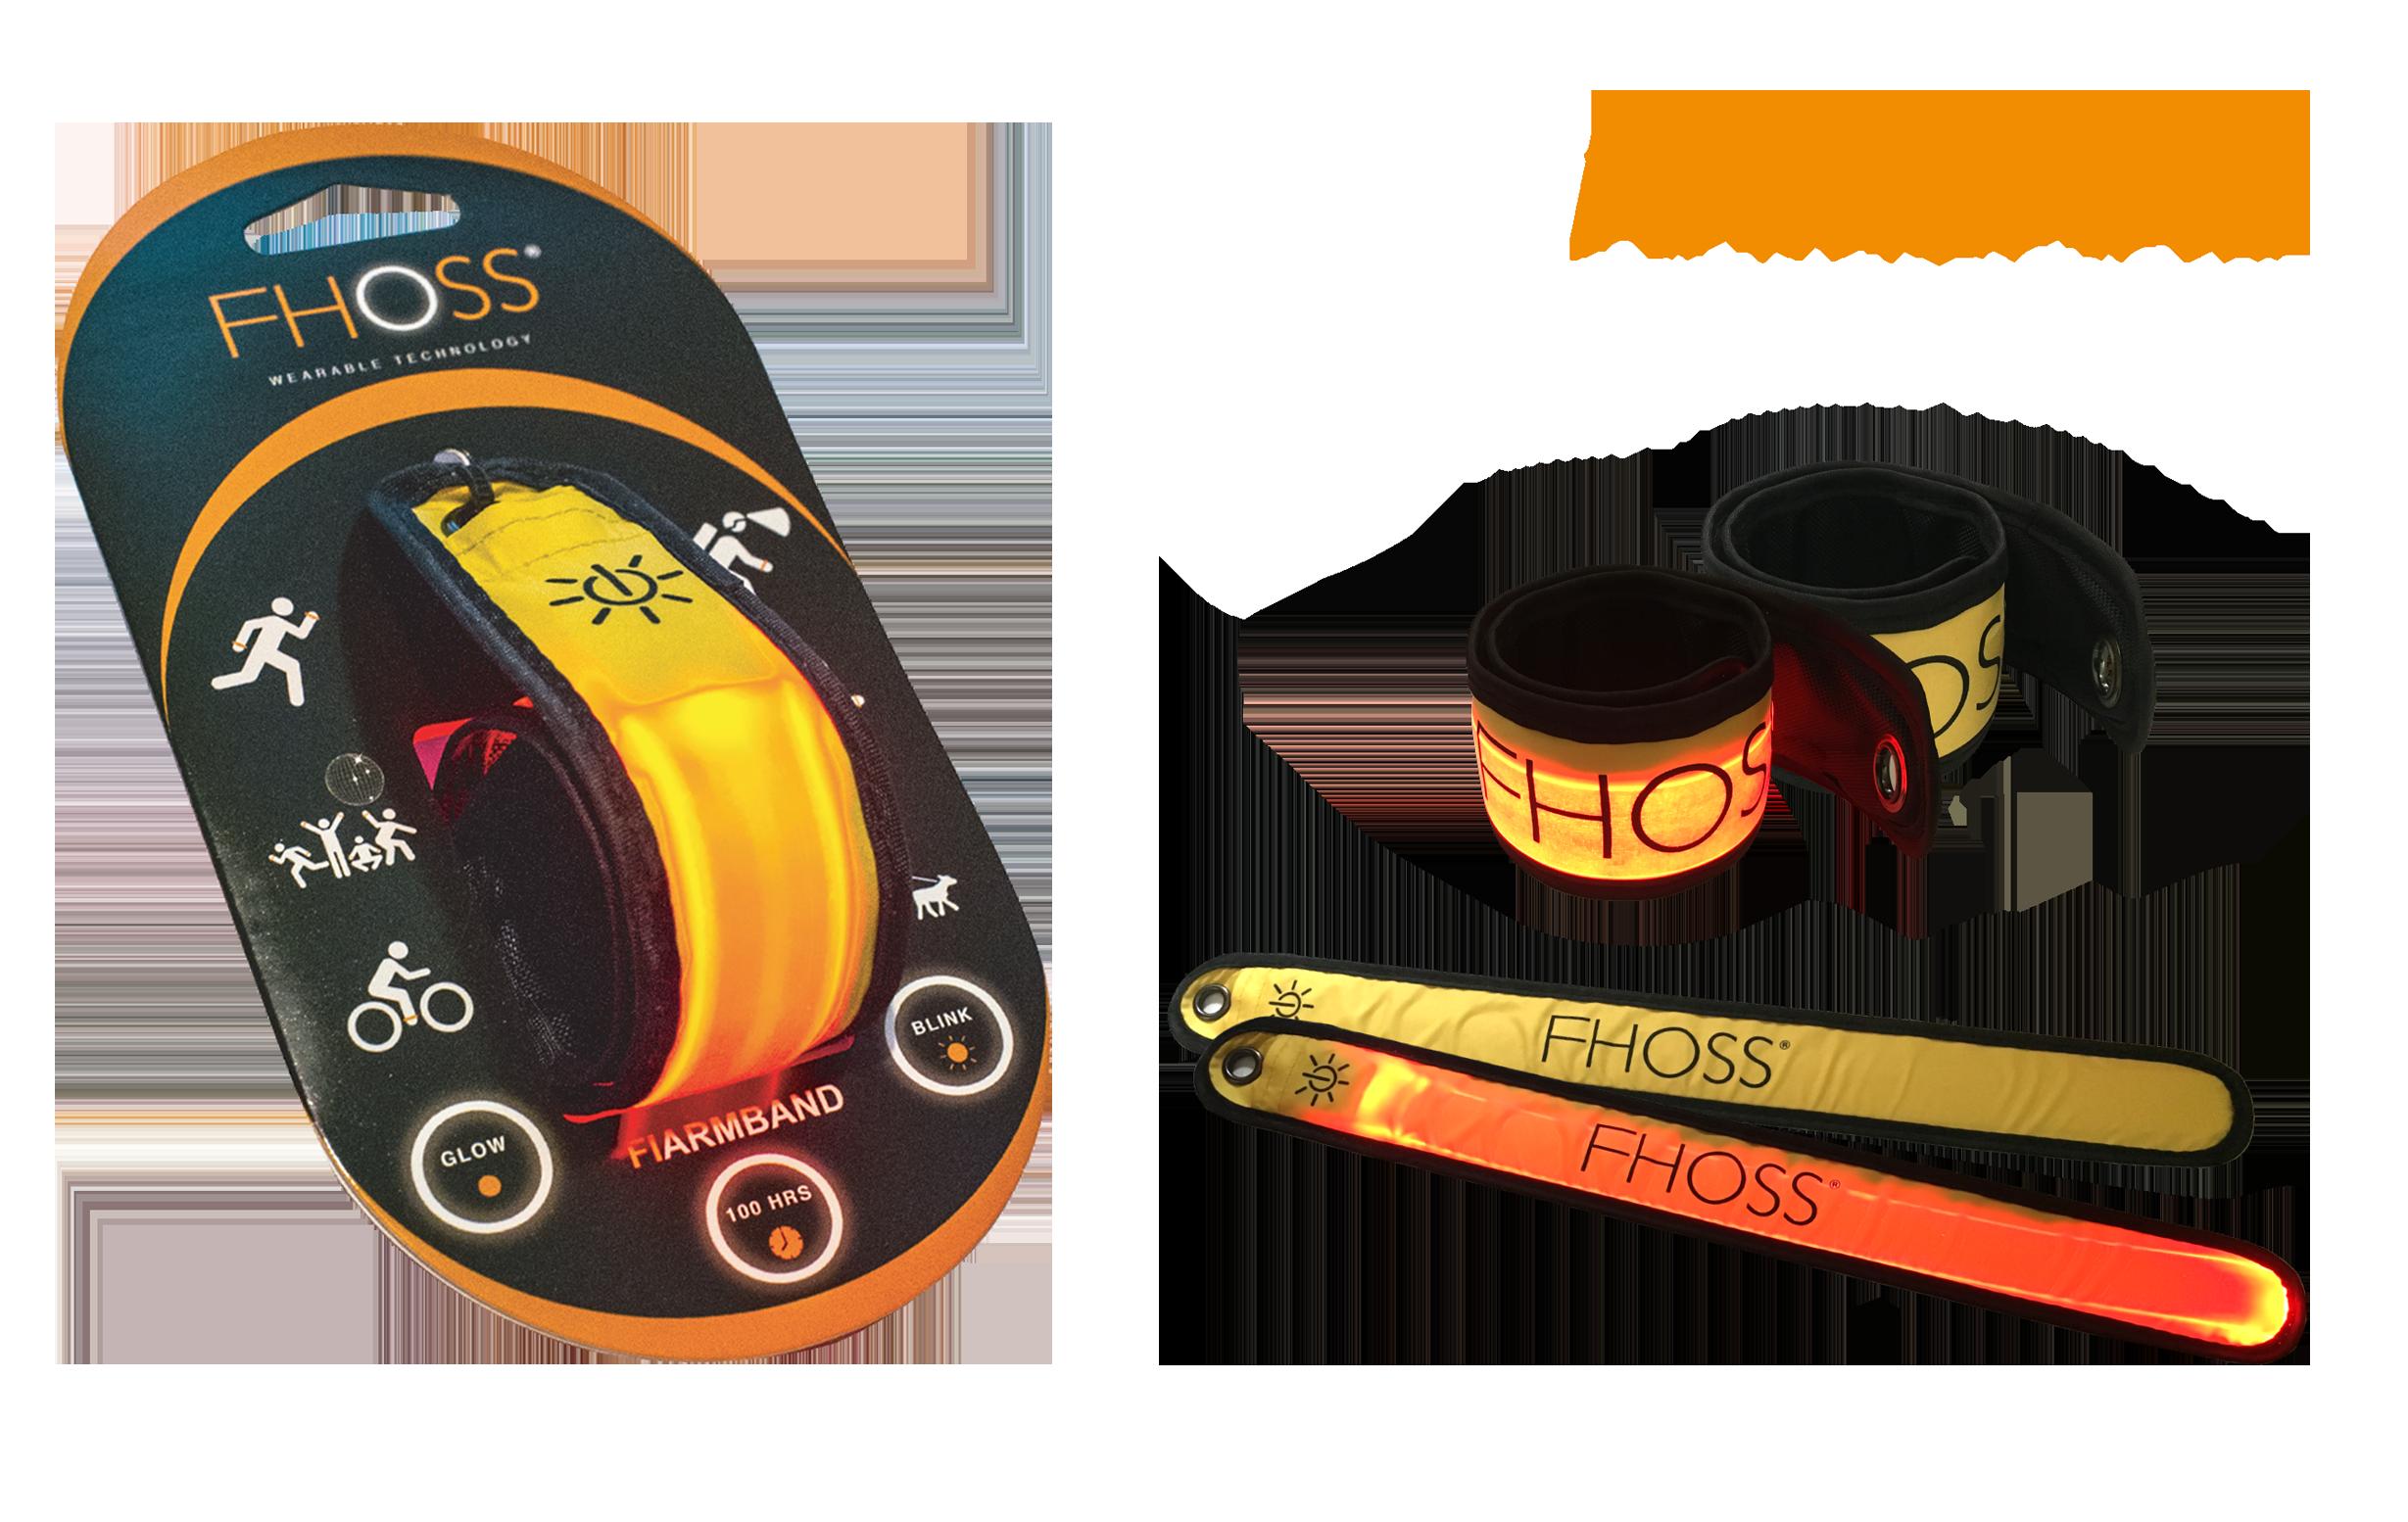 Fhoss FiArmband